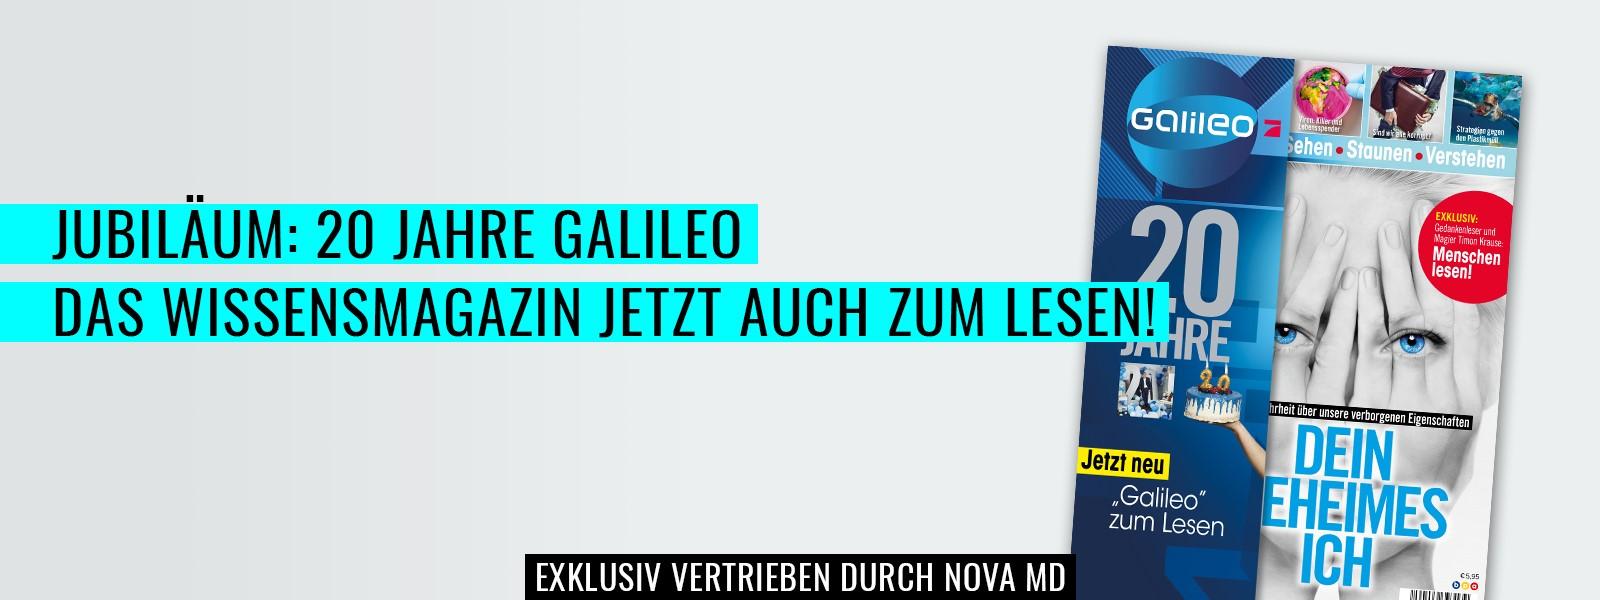 20 Jahre Galileo, das Magazin zum Jubiläum